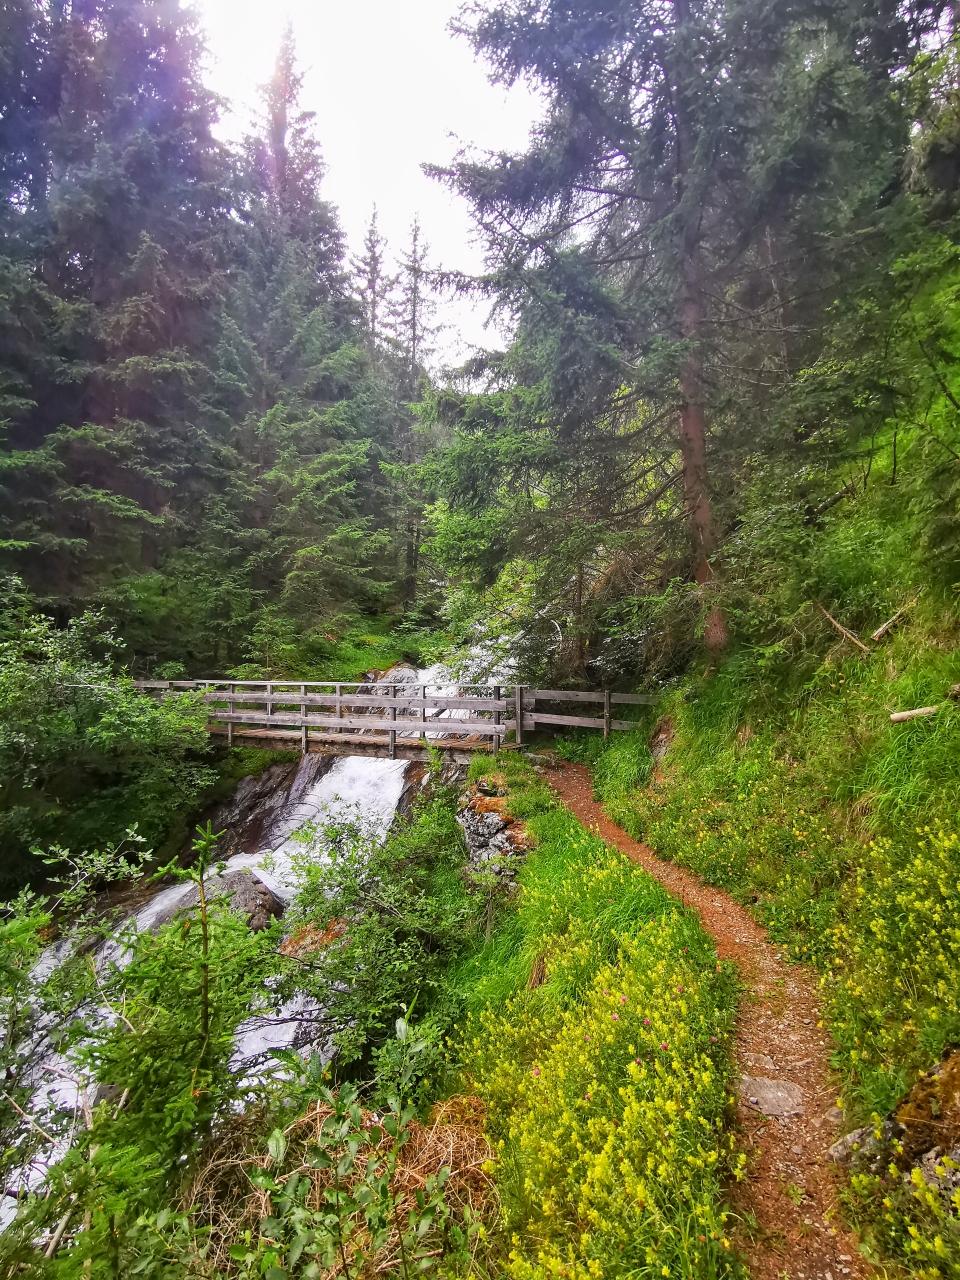 Auf schönen Wegen geht's im Wald bergan